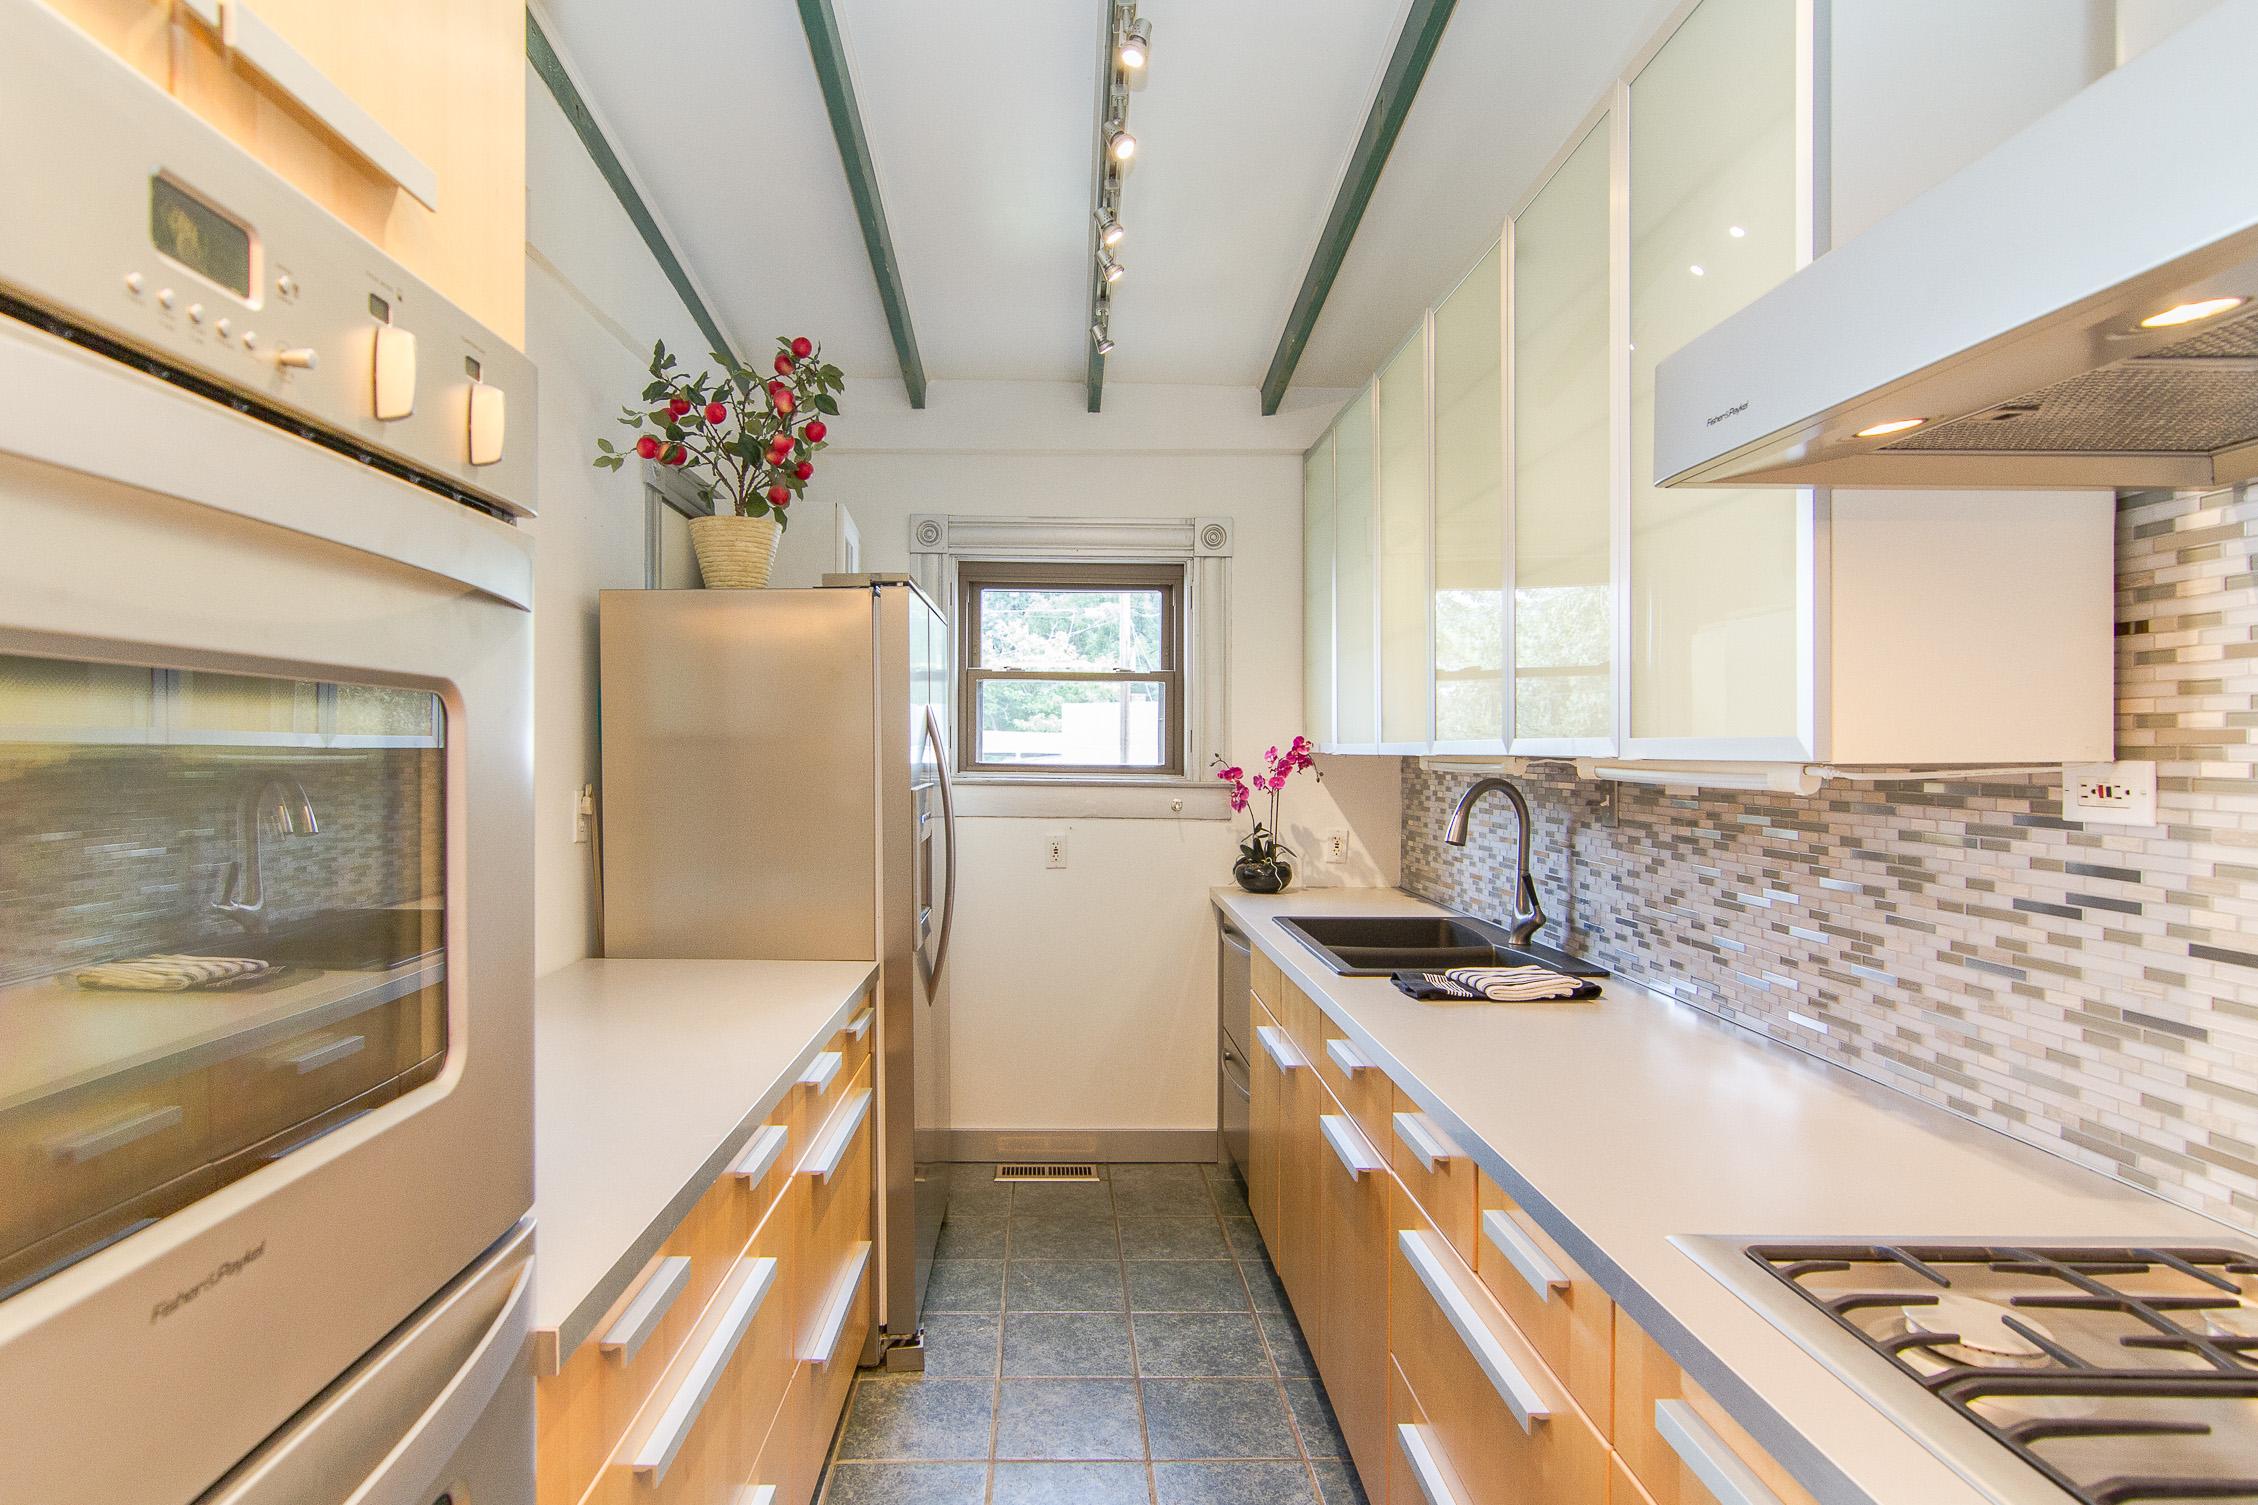 1128 E Breckinridge Street Louisville, KY 40204 Kitchen